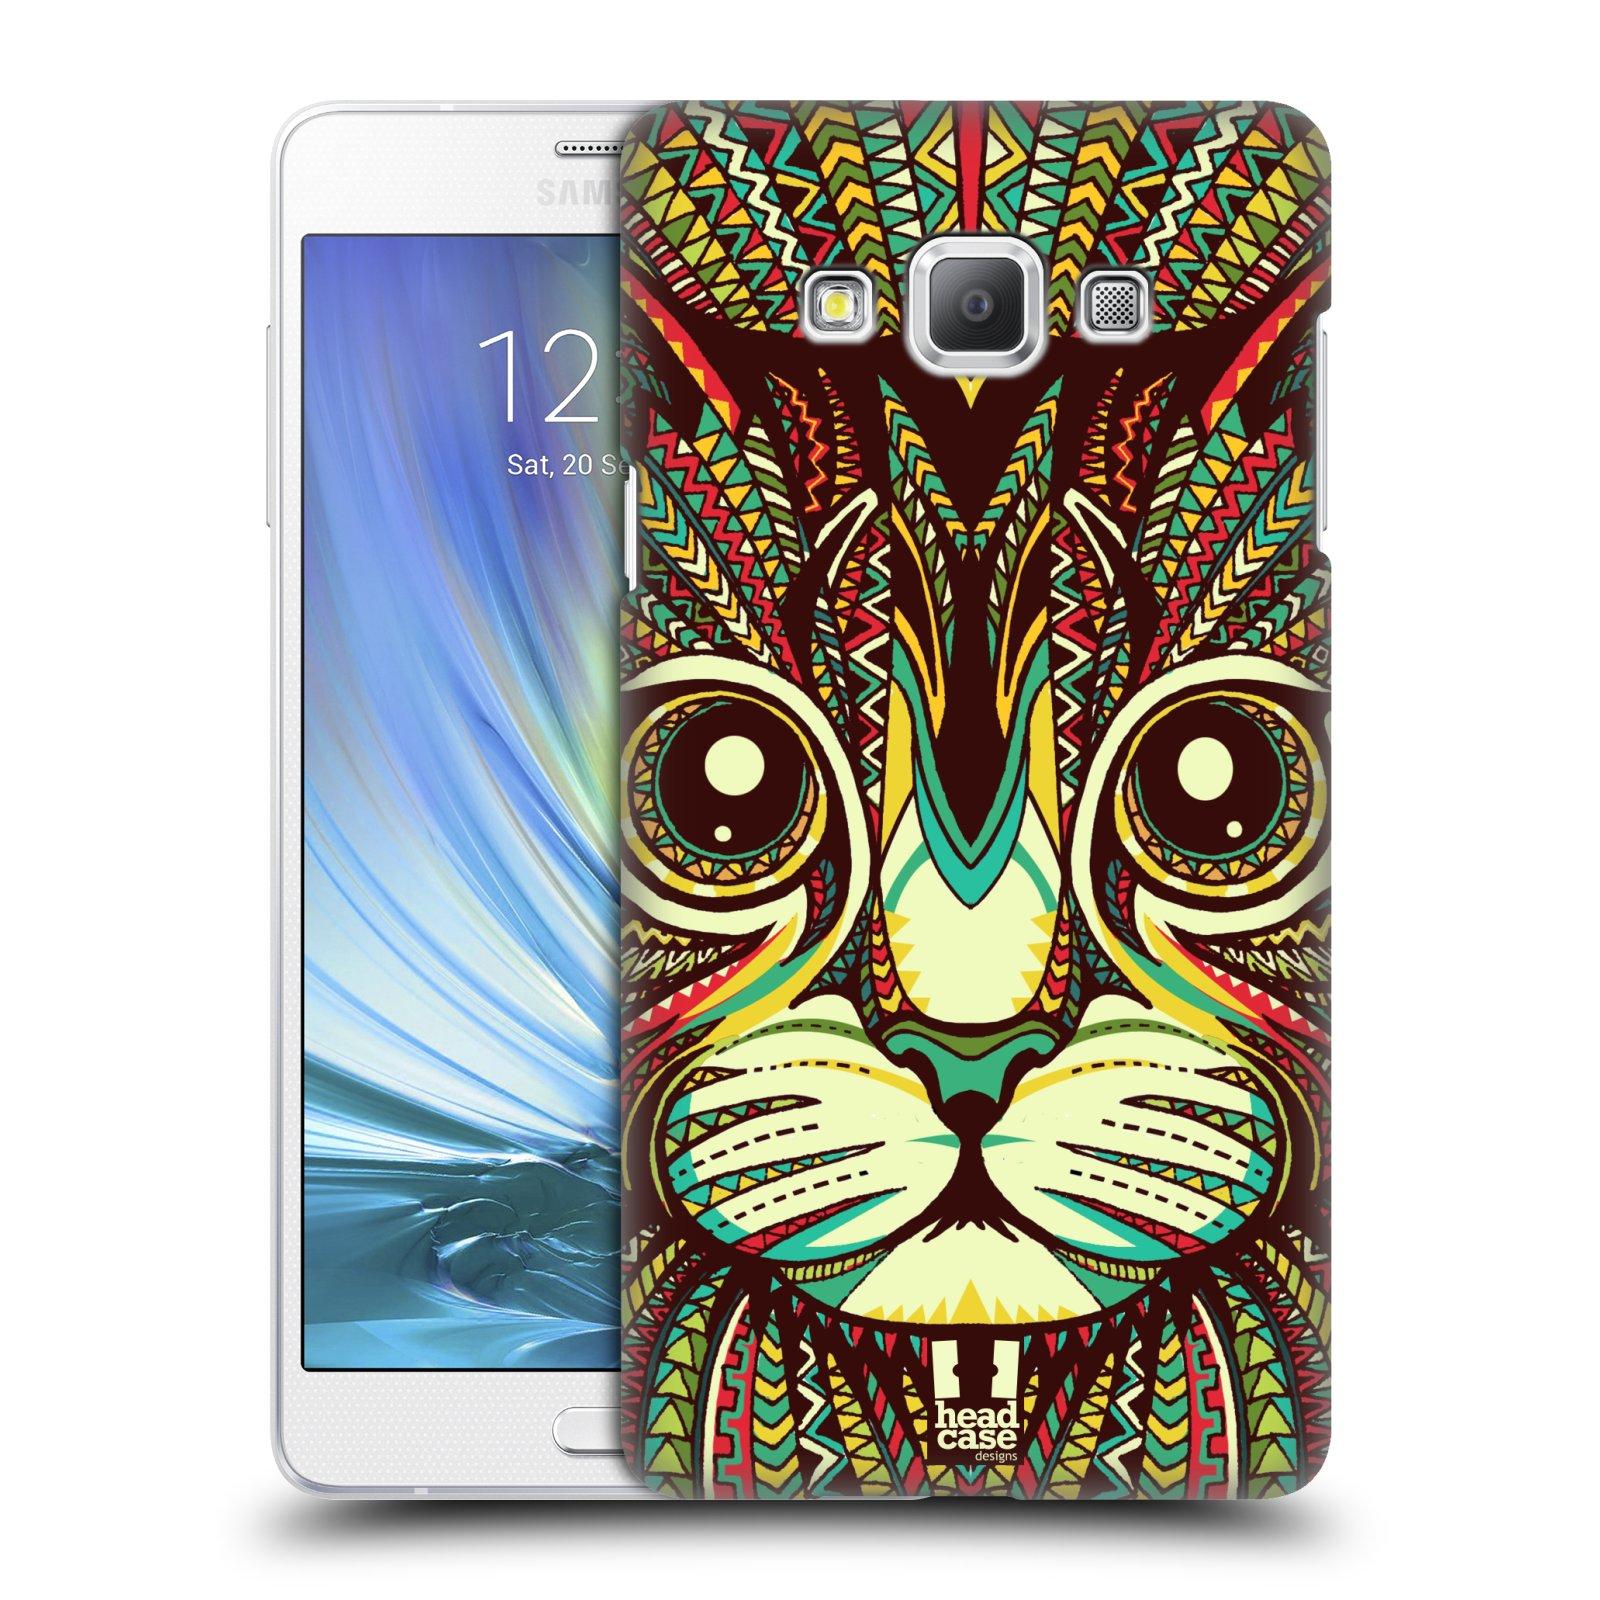 HEAD CASE plastový obal na mobil SAMSUNG GALAXY A7 vzor Aztécký motiv zvíře 2 kotě